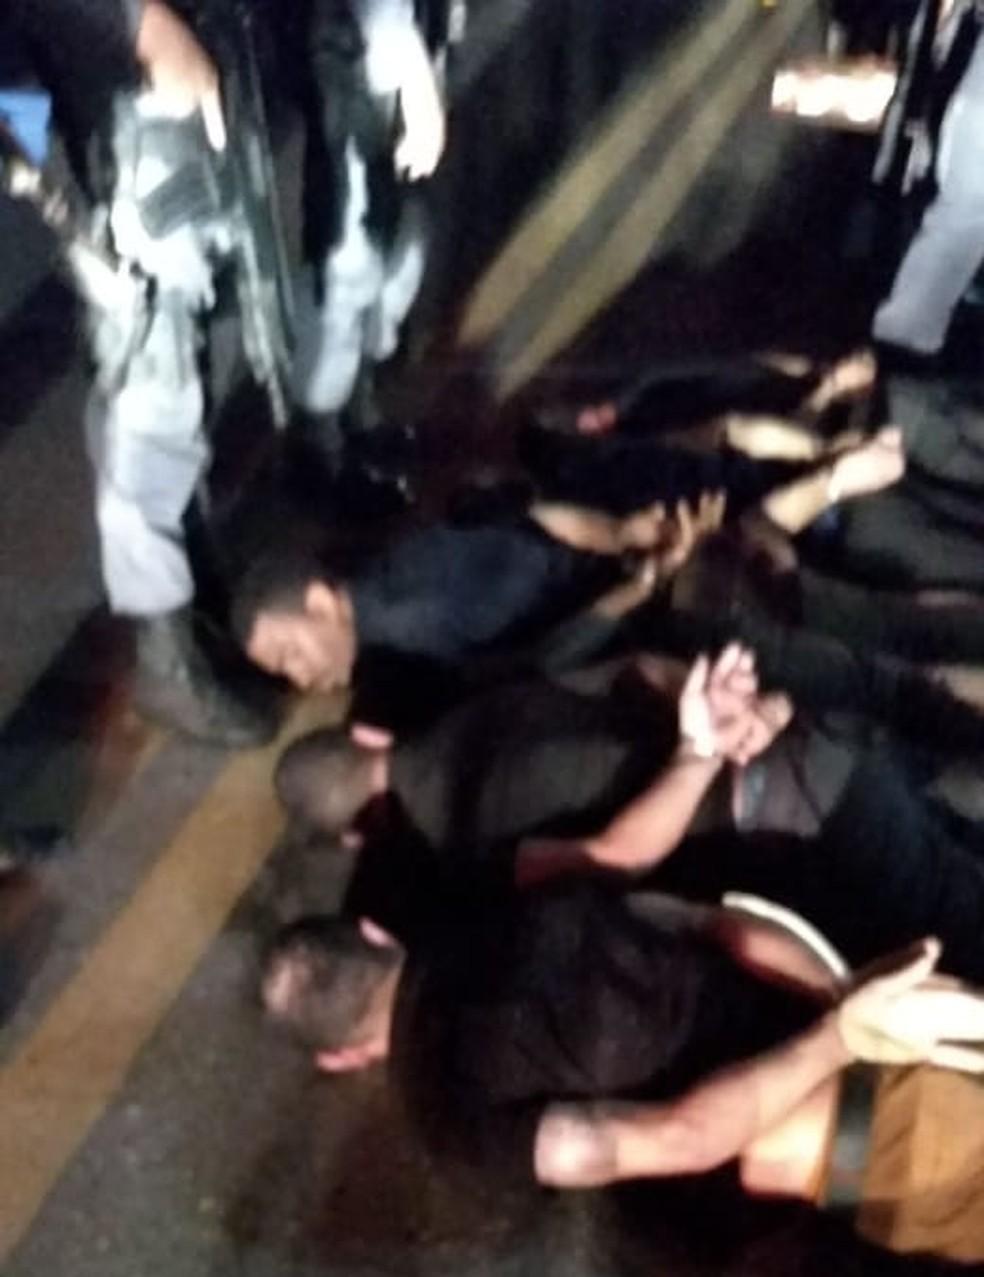 Polícia prende em Santa Luzia do Paruá bandidos envolvidos em assalto em agência bancária em Bacabal — Foto: Divulgação/Polícia